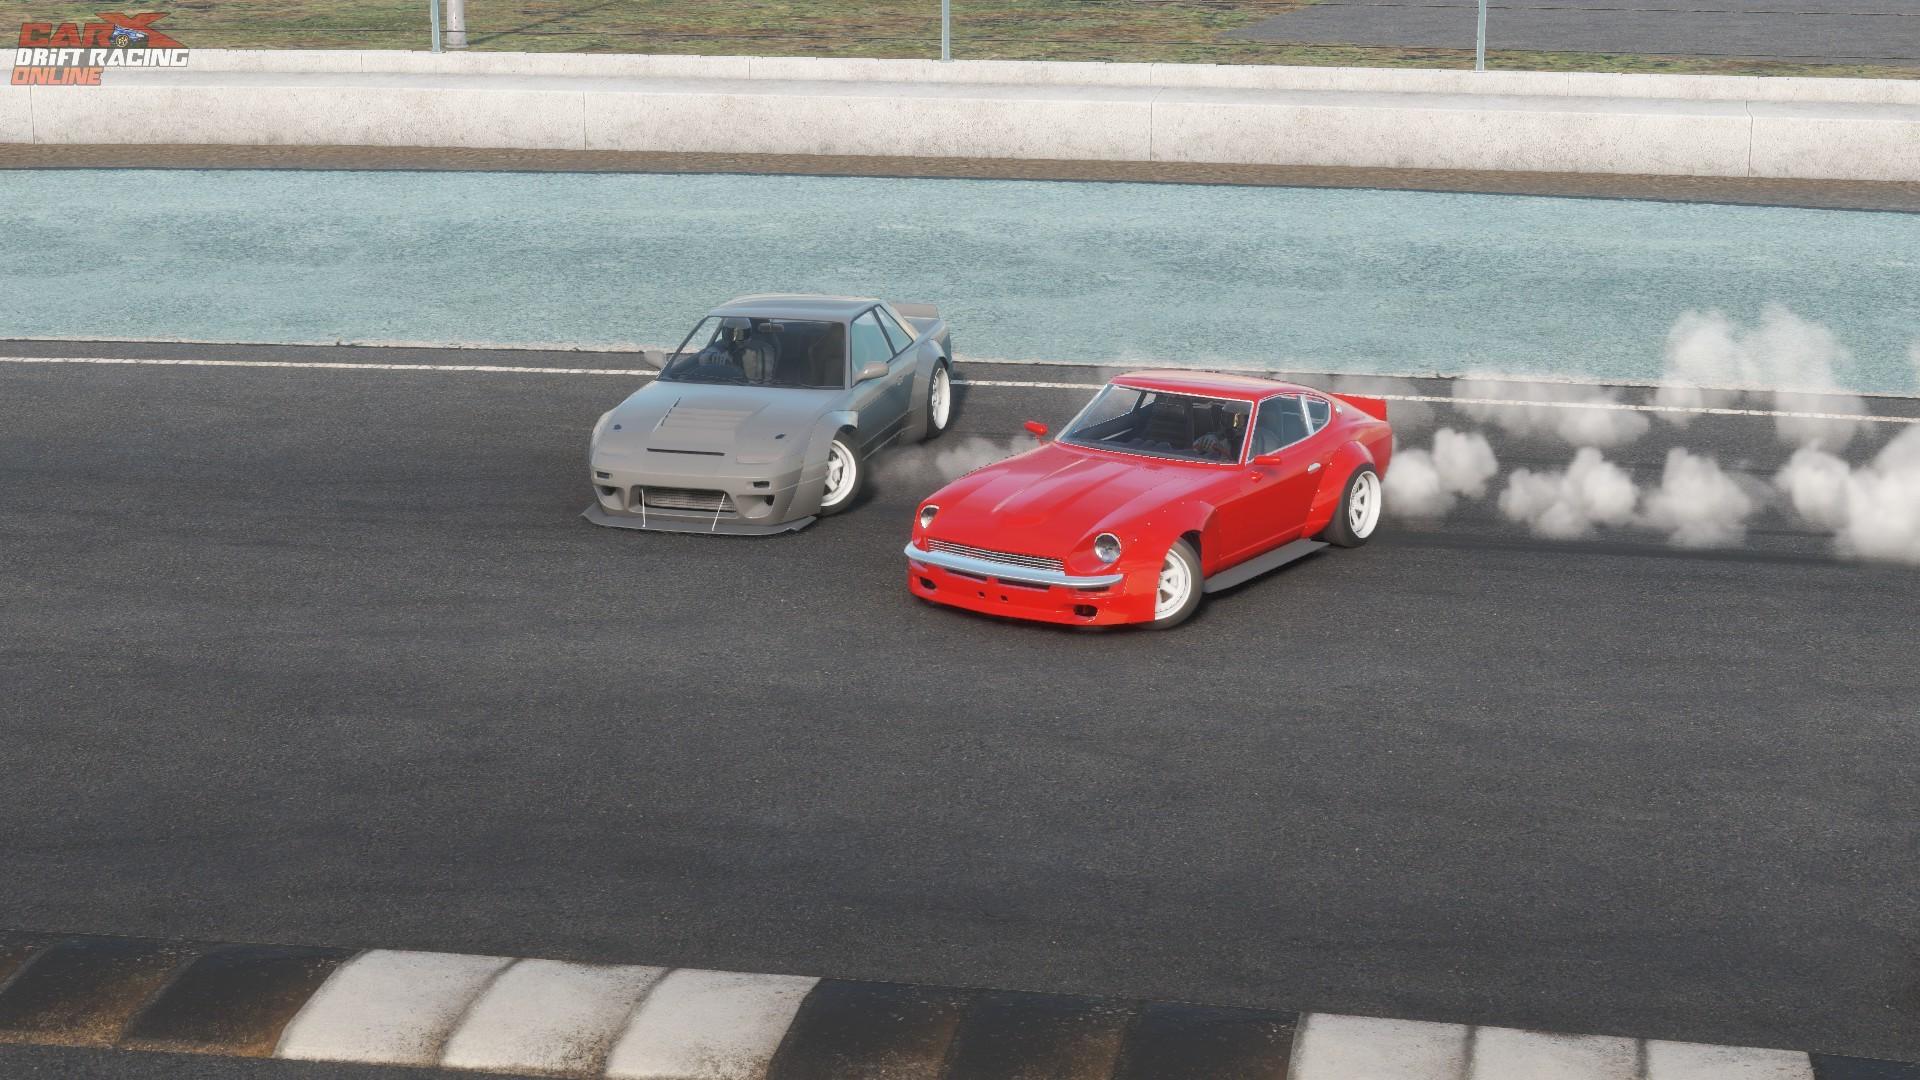 читы на carx drift racing online на пк